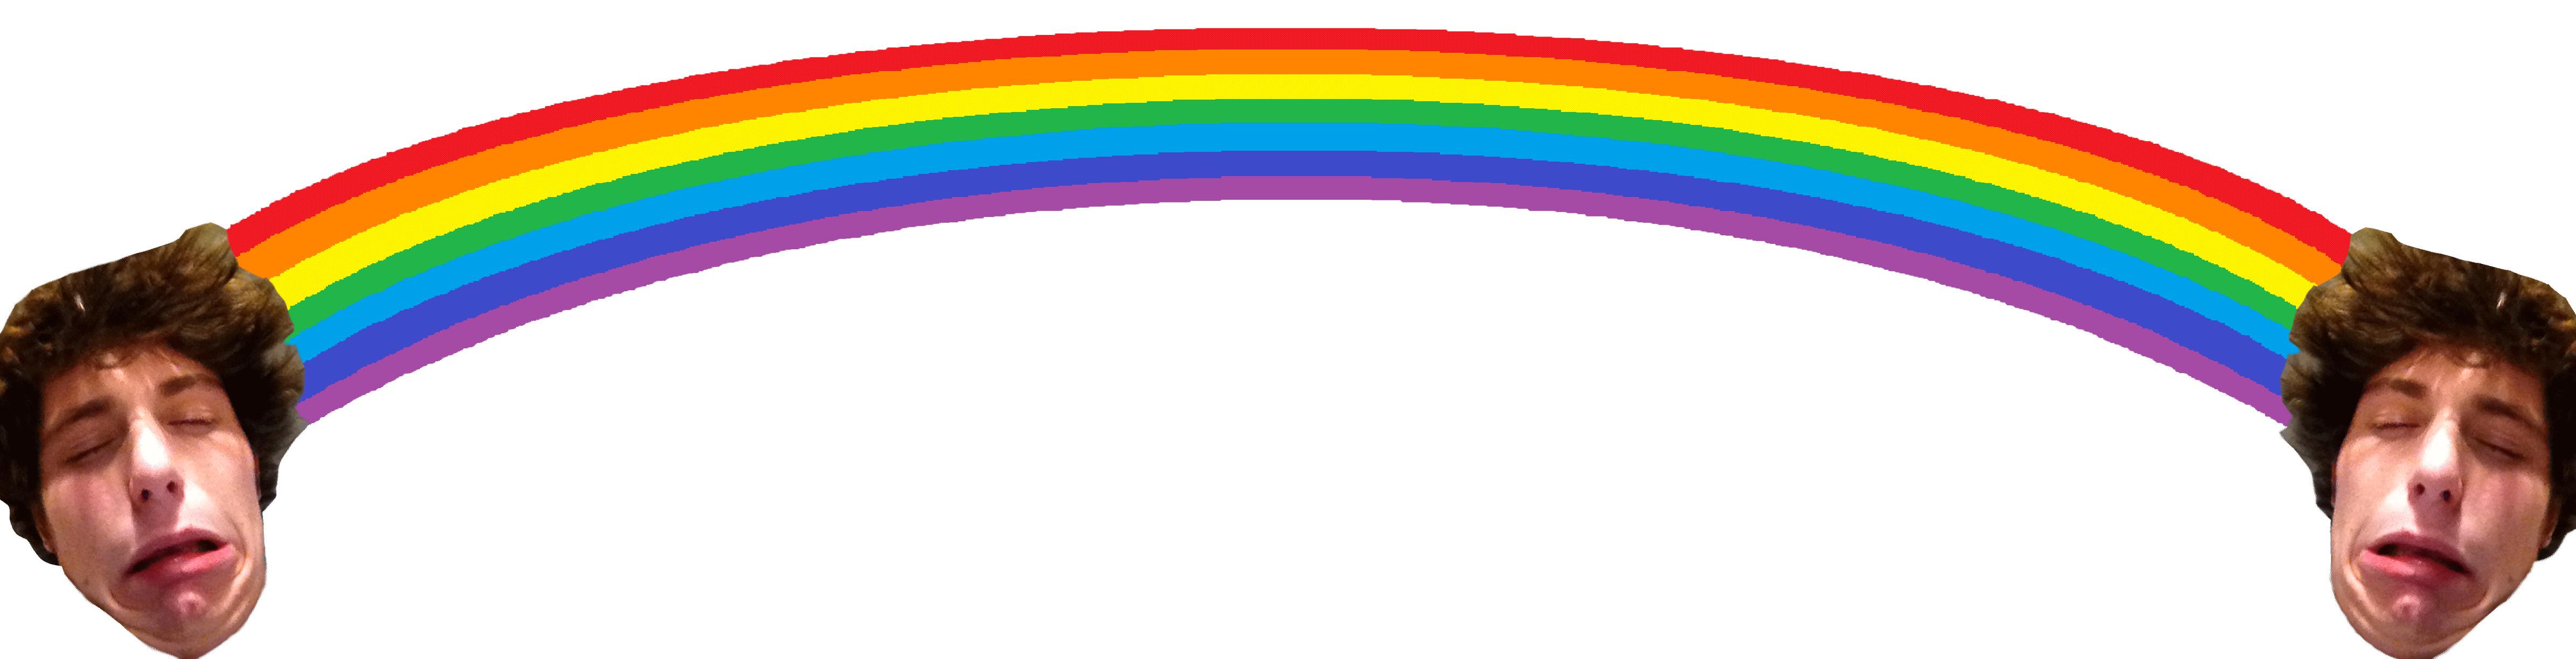 Gay 4 pay tumblr